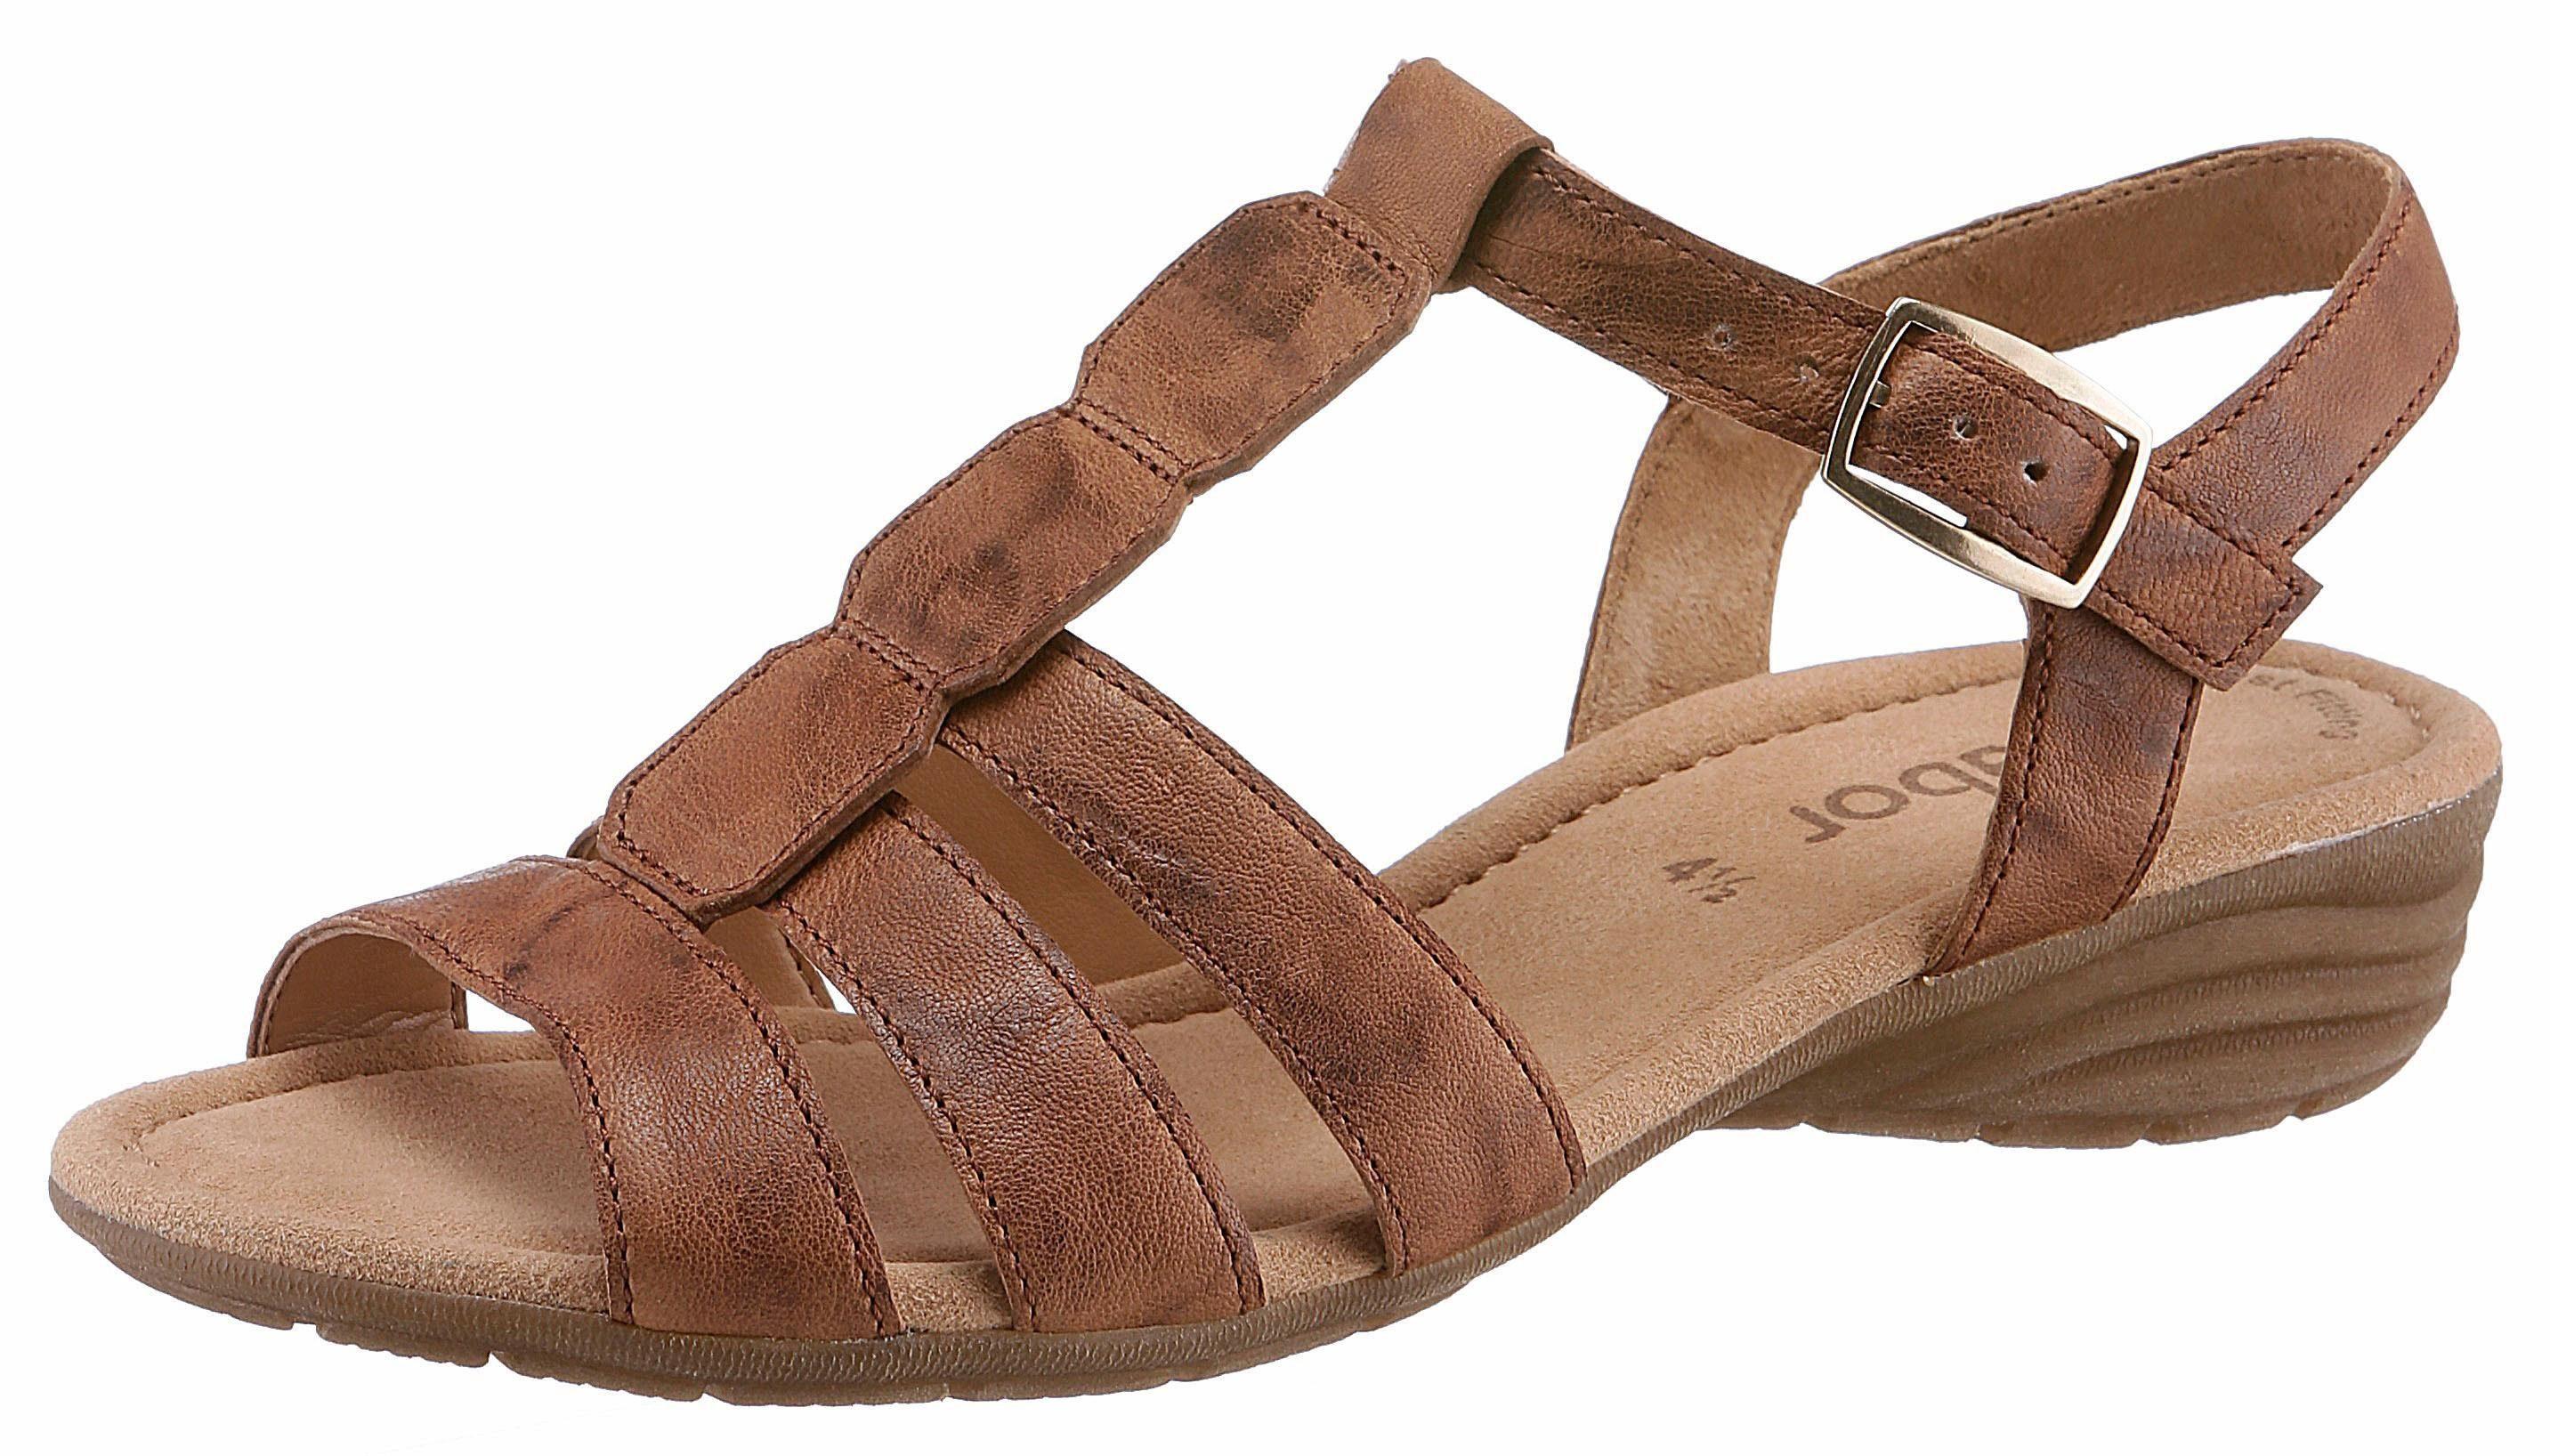 Rieker Sandalette, mit verzierenden Elementen, braun, braun